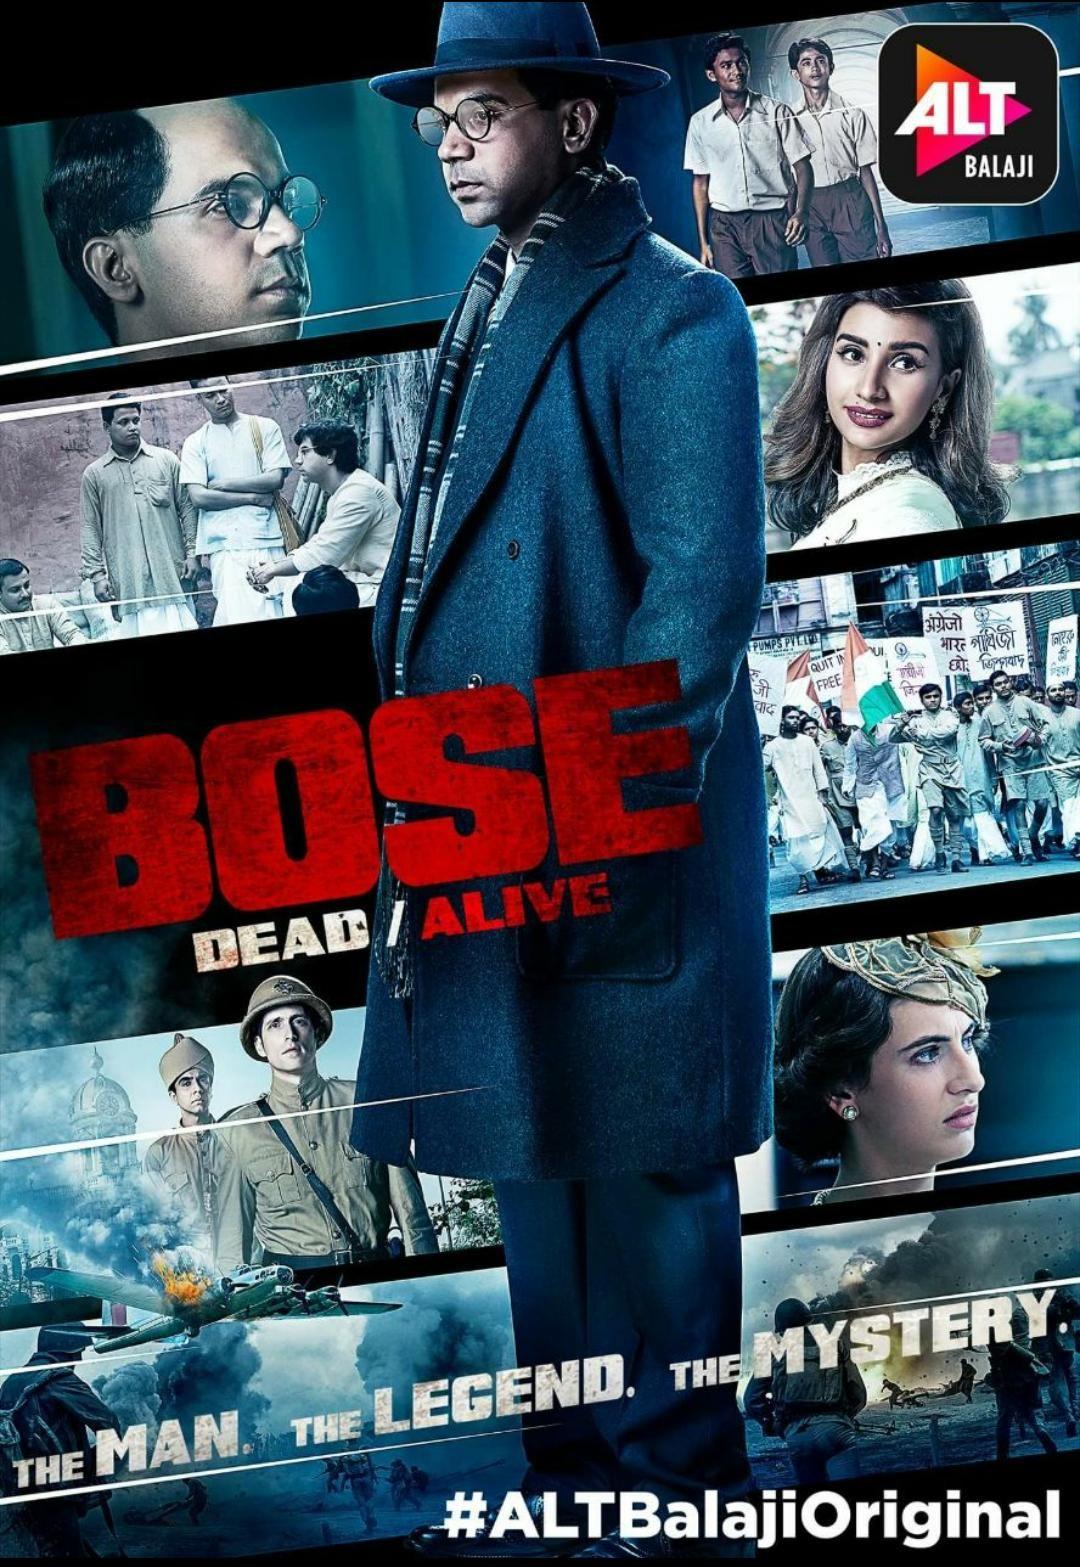 Bose Dead Alive Hindi Season Complete 2017 Dead Alive Tv Series 2017 Hd Movies